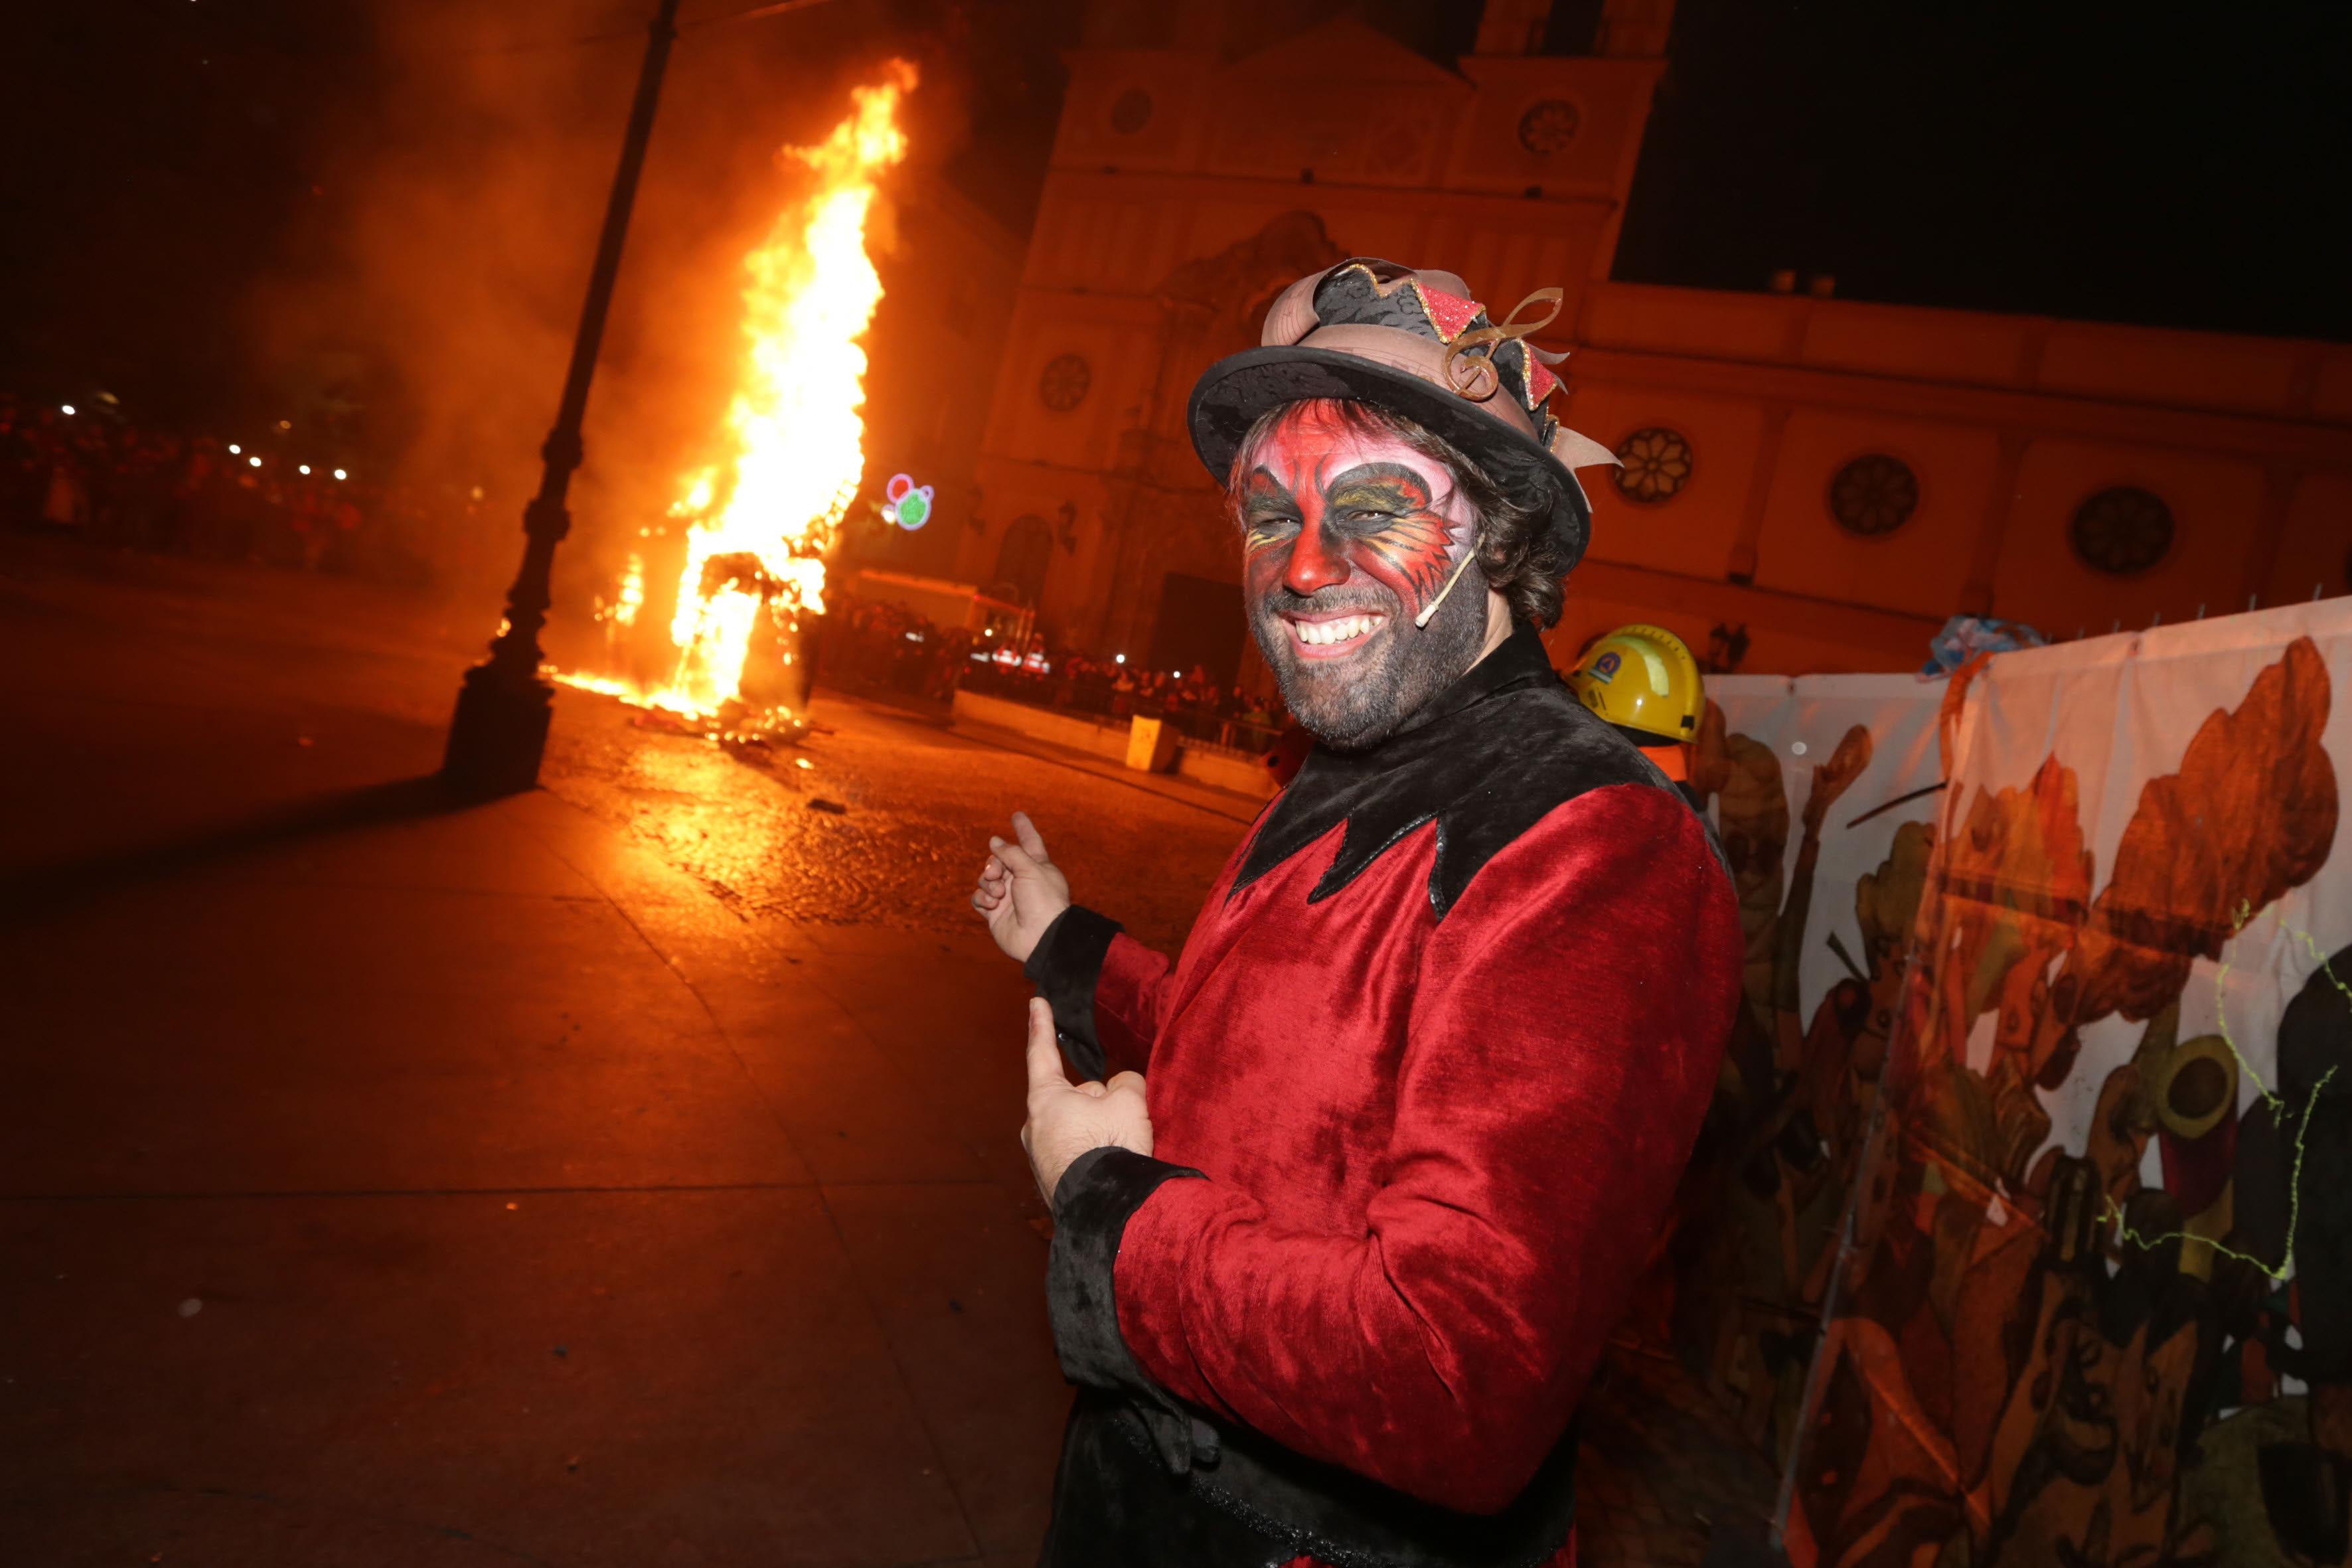 El Carnaval de Cádiz 2016 volverá a tener Dios Momo